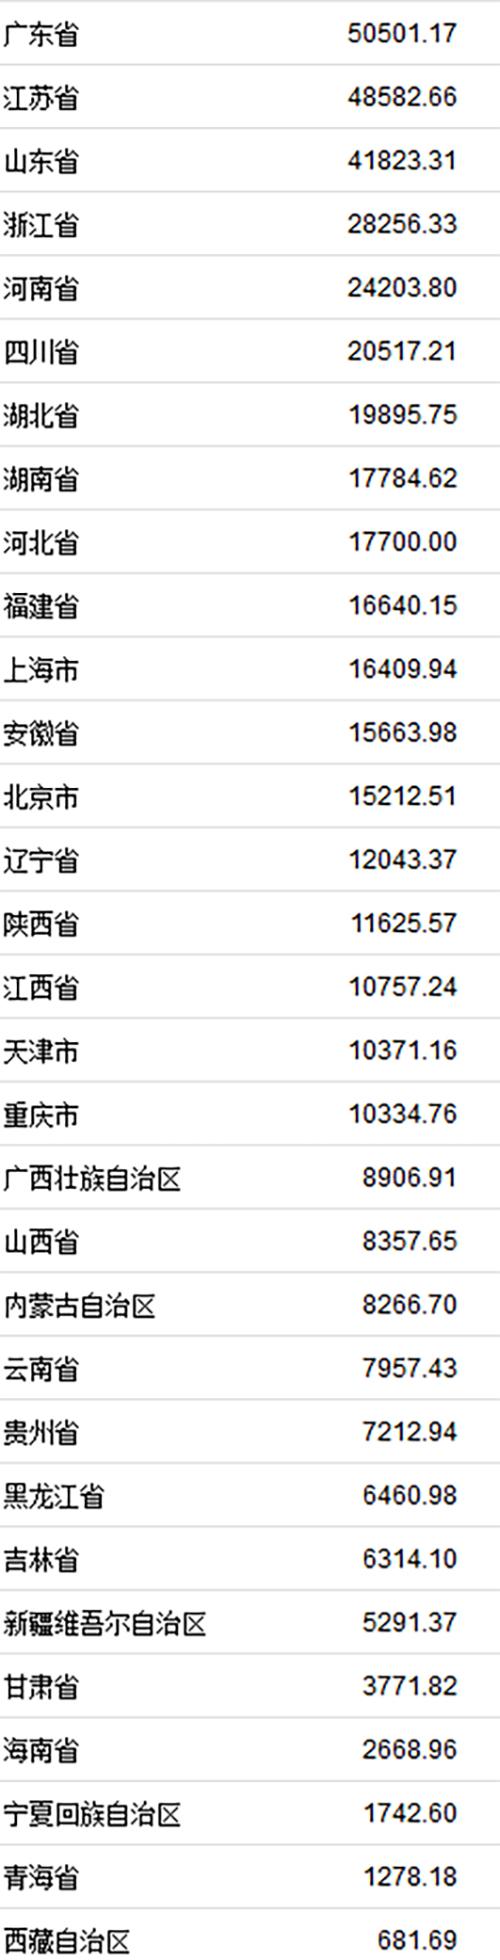 31省份上半年GDP正式出炉,广东首超5万亿列第一